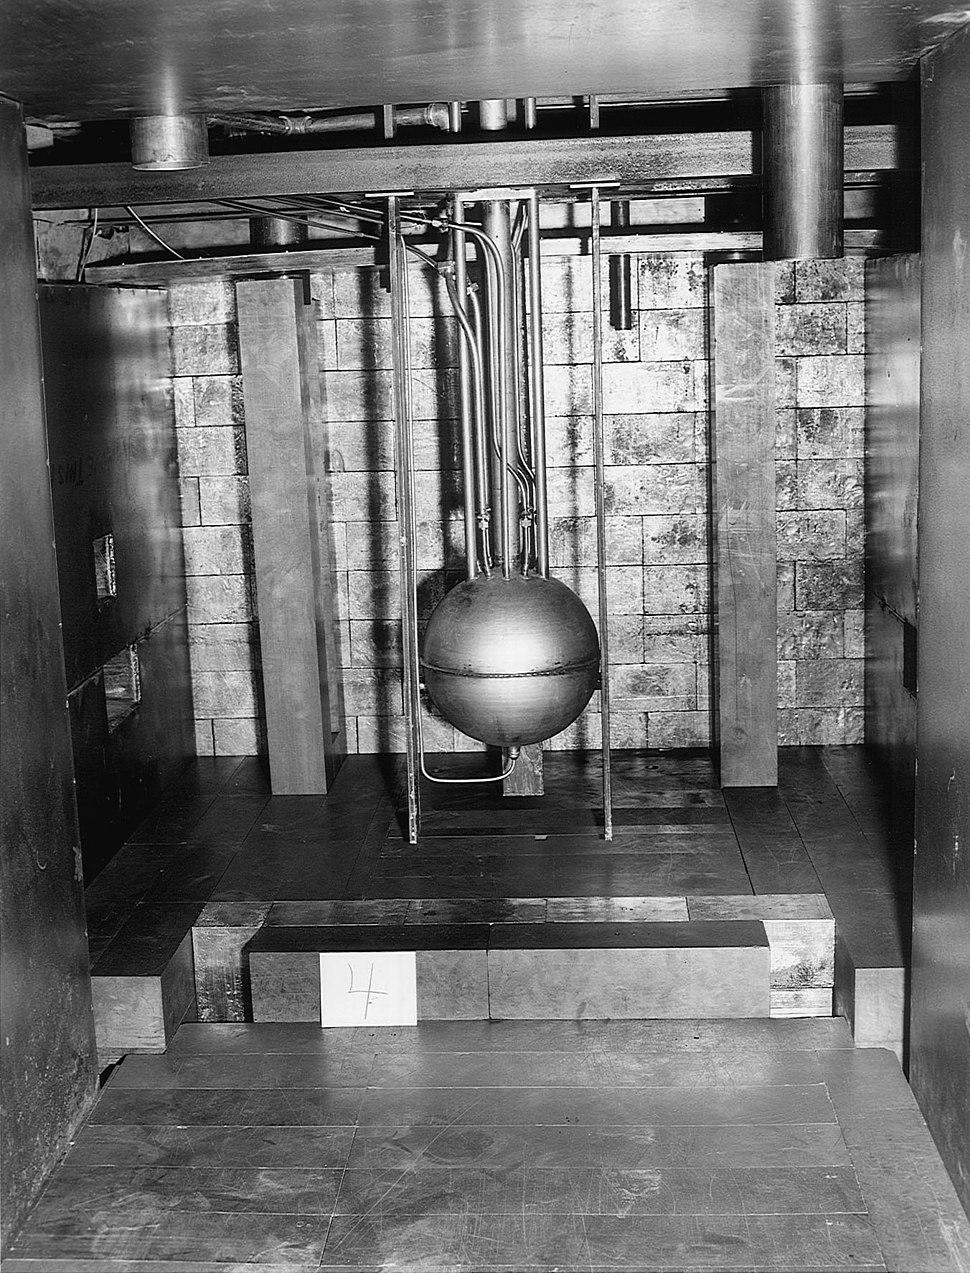 Los-Alamos-Water-Boiler-LANL12784